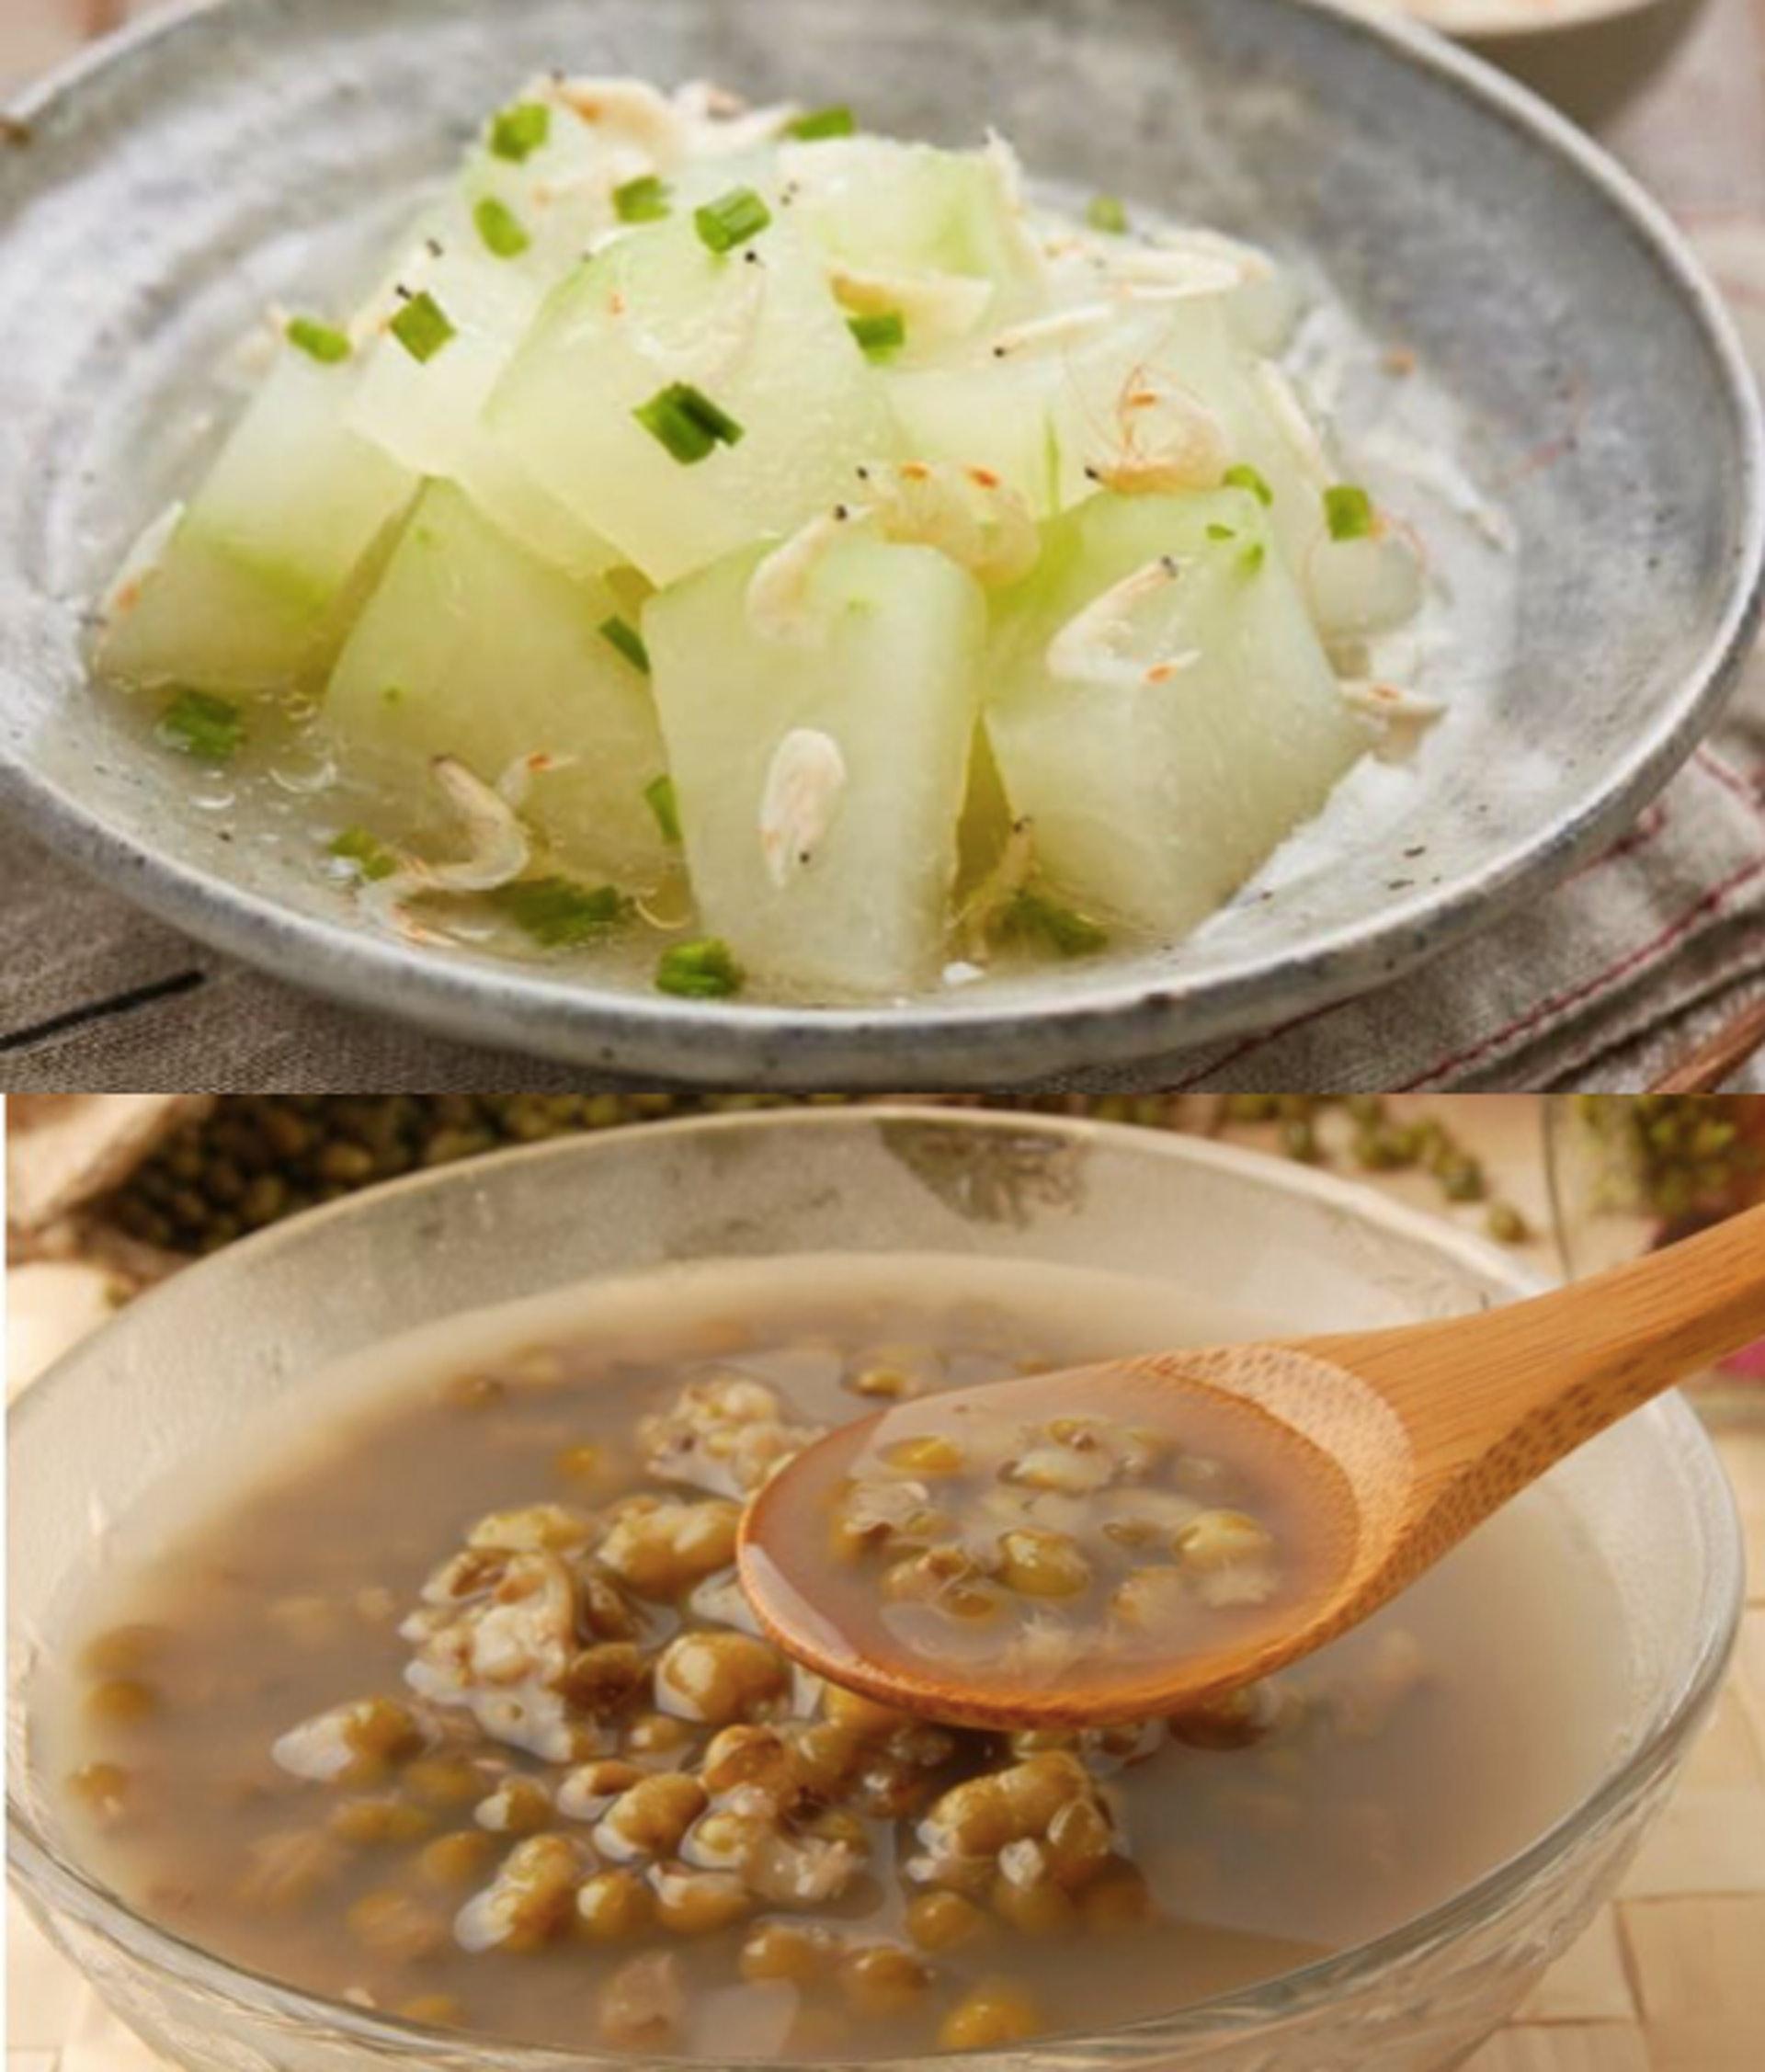 徐醫師建議大眾依照傳統民間智慧,在大暑當日吃冬瓜和喝綠豆湯。(圖片:cookidoo/mamaclub)